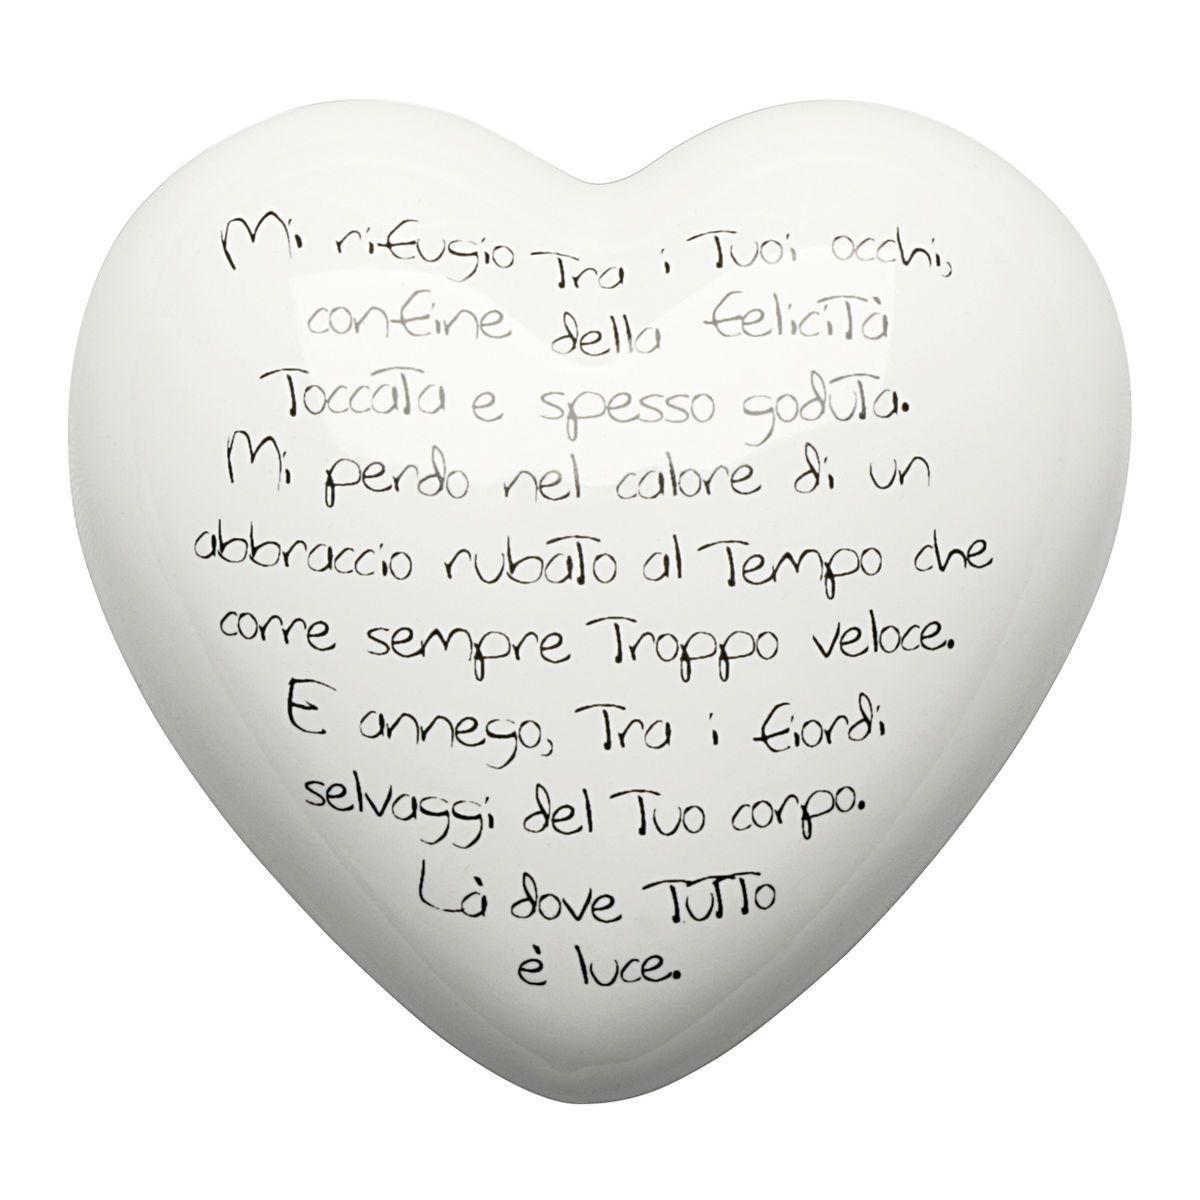 cuore di ceramica bianco con versi in italiano e francese con font dattilografico